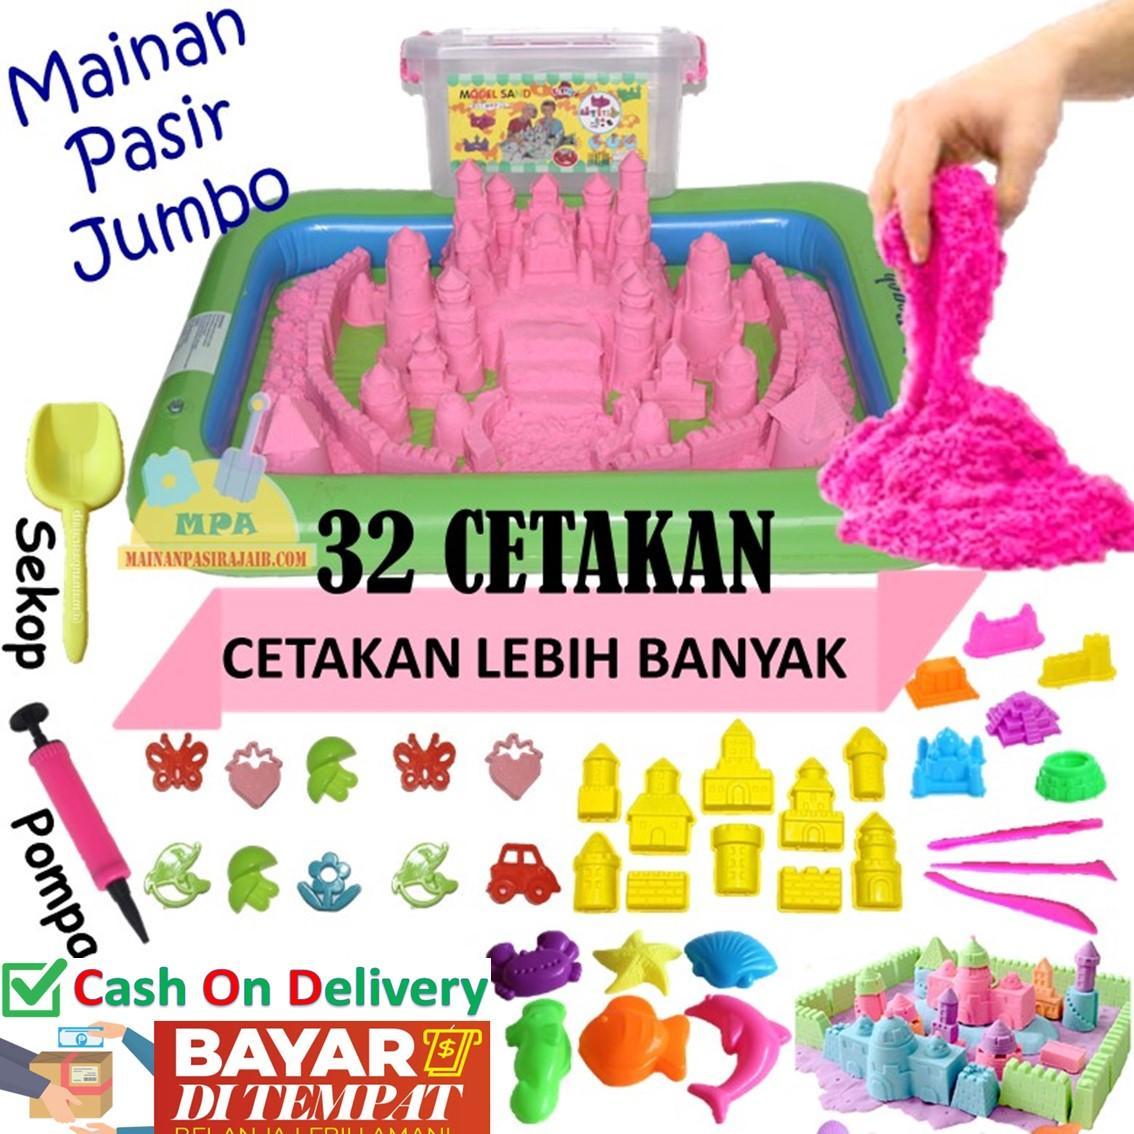 Mainan Pasir Anak Magic Play Sand Model Sand 2KG Paket Lengkap 32 Cetakan